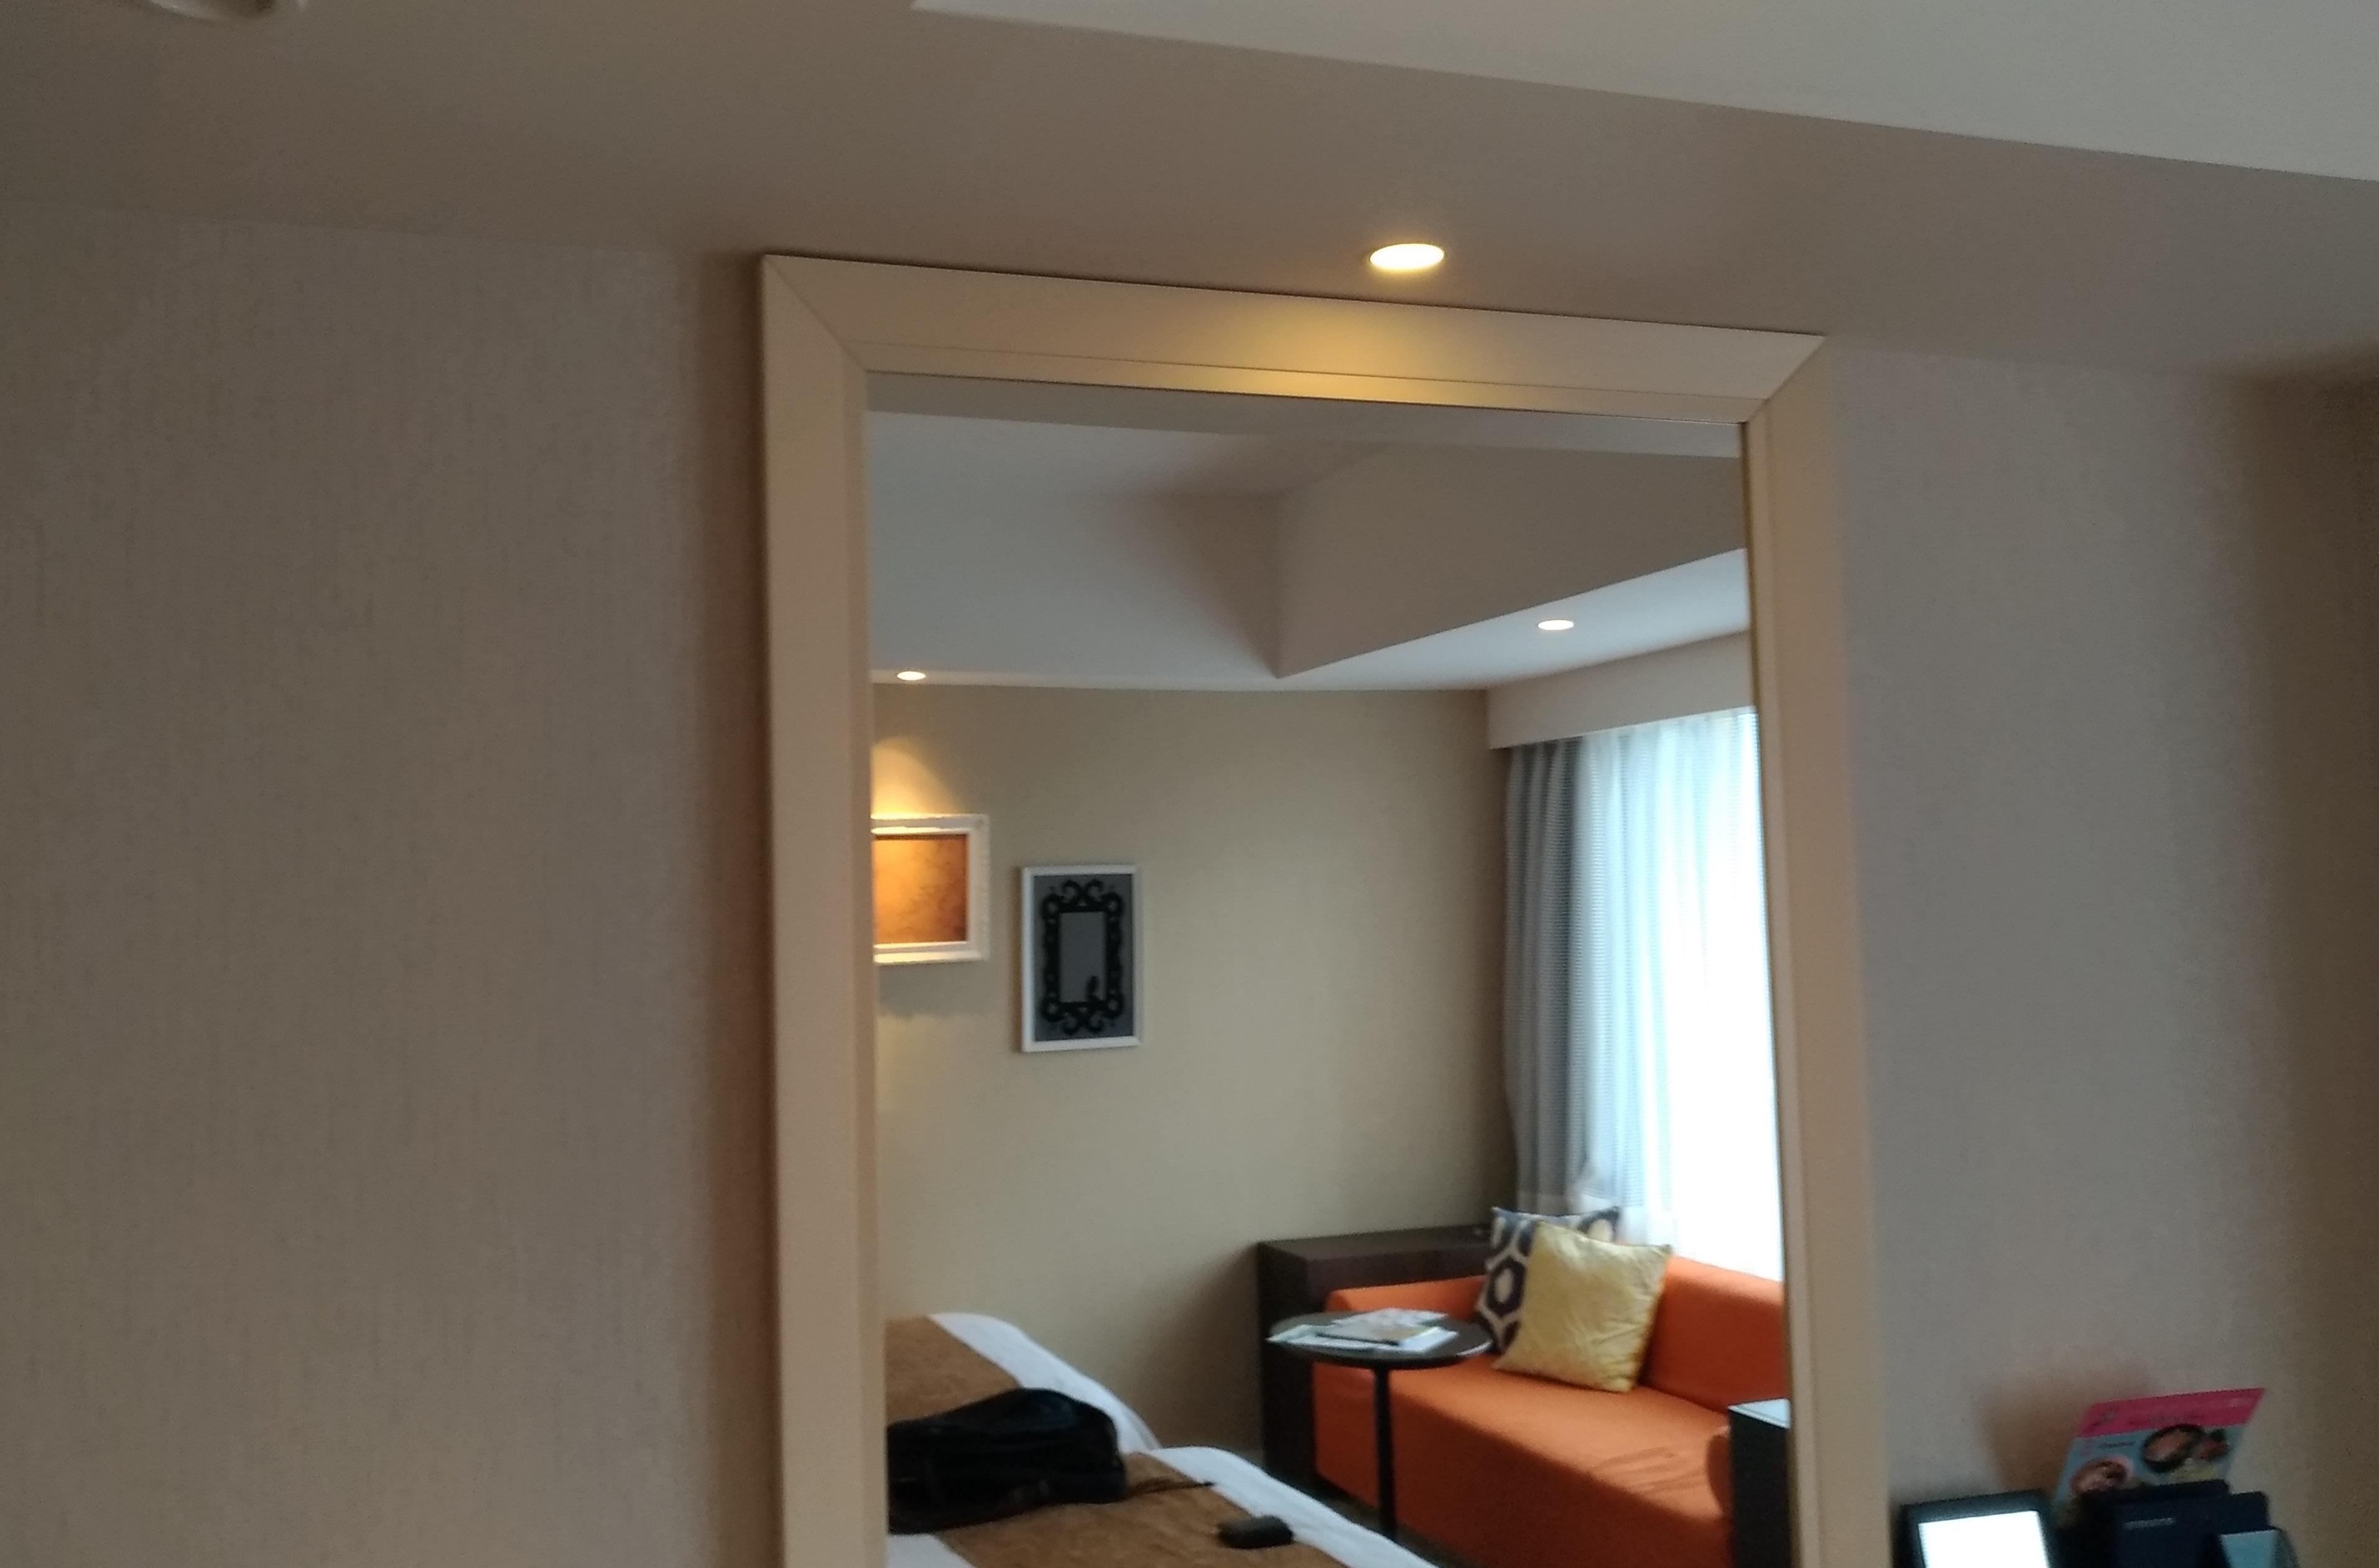 usj_osaka_hotel_universal_ports1016_5.jpg